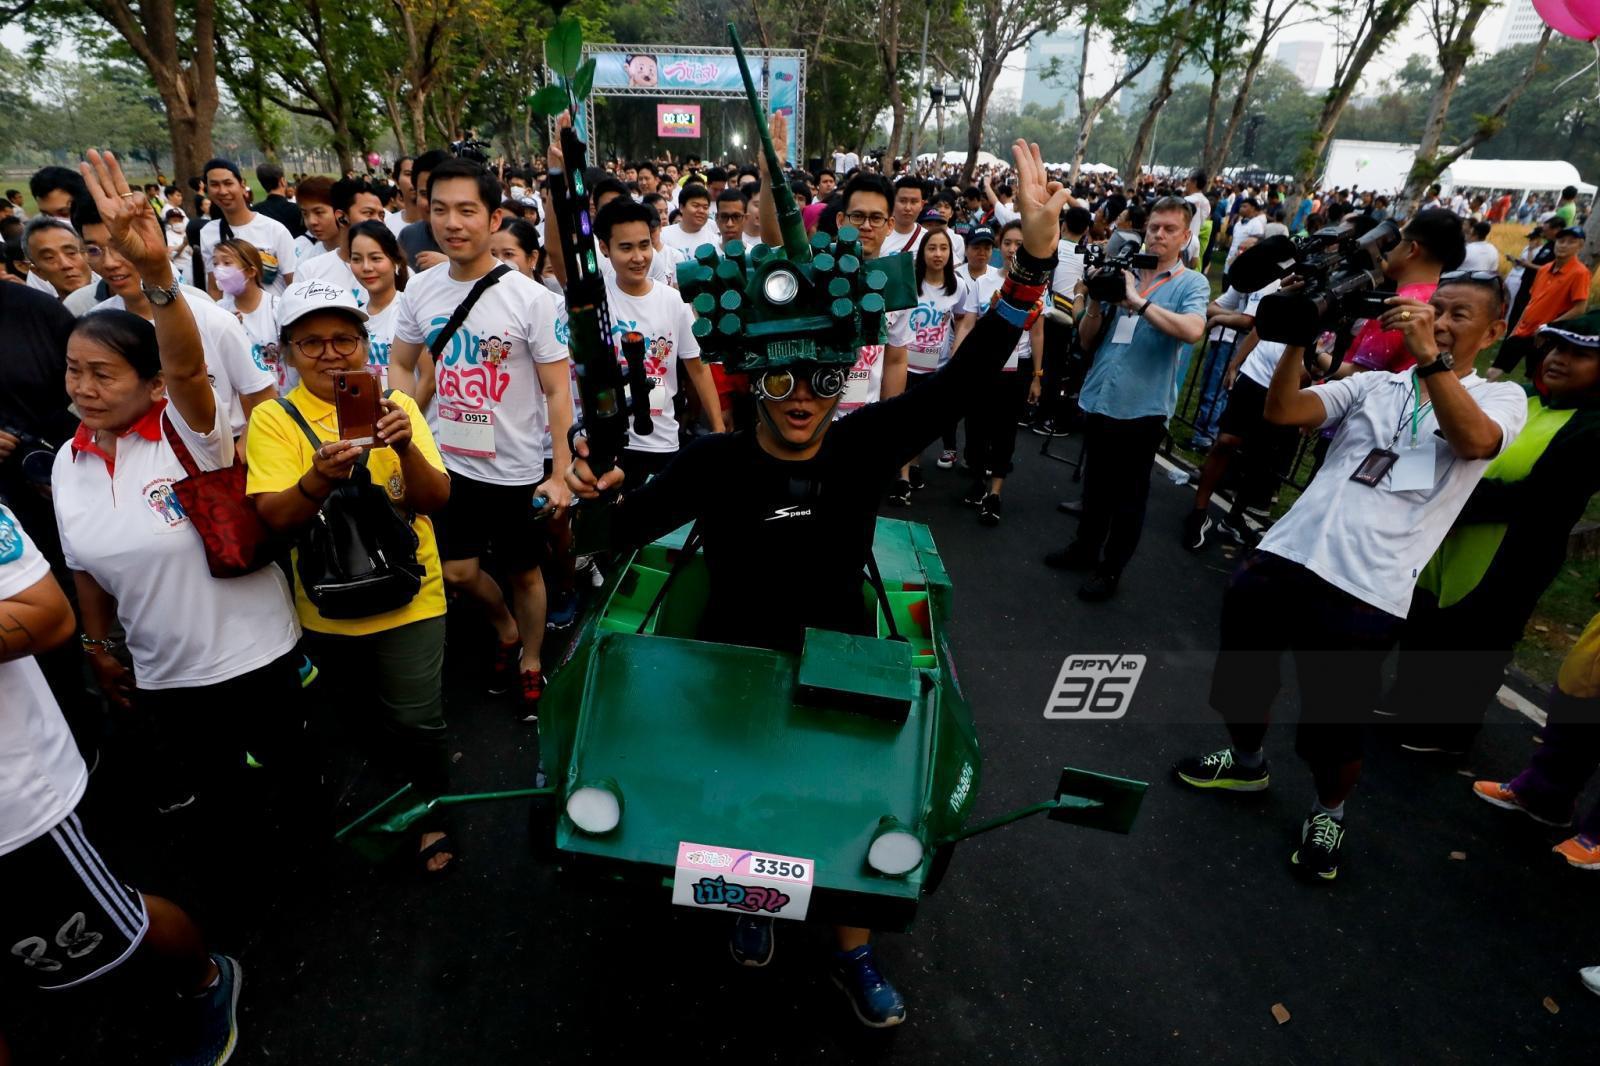 """""""ธนาธร"""" นำ """"วิ่งไล่ลุง"""" เชิญชวนประชาชนต่อสู้อำนาจ อย่ากลัว ต้องให้ได้ประชาธิปไตย"""